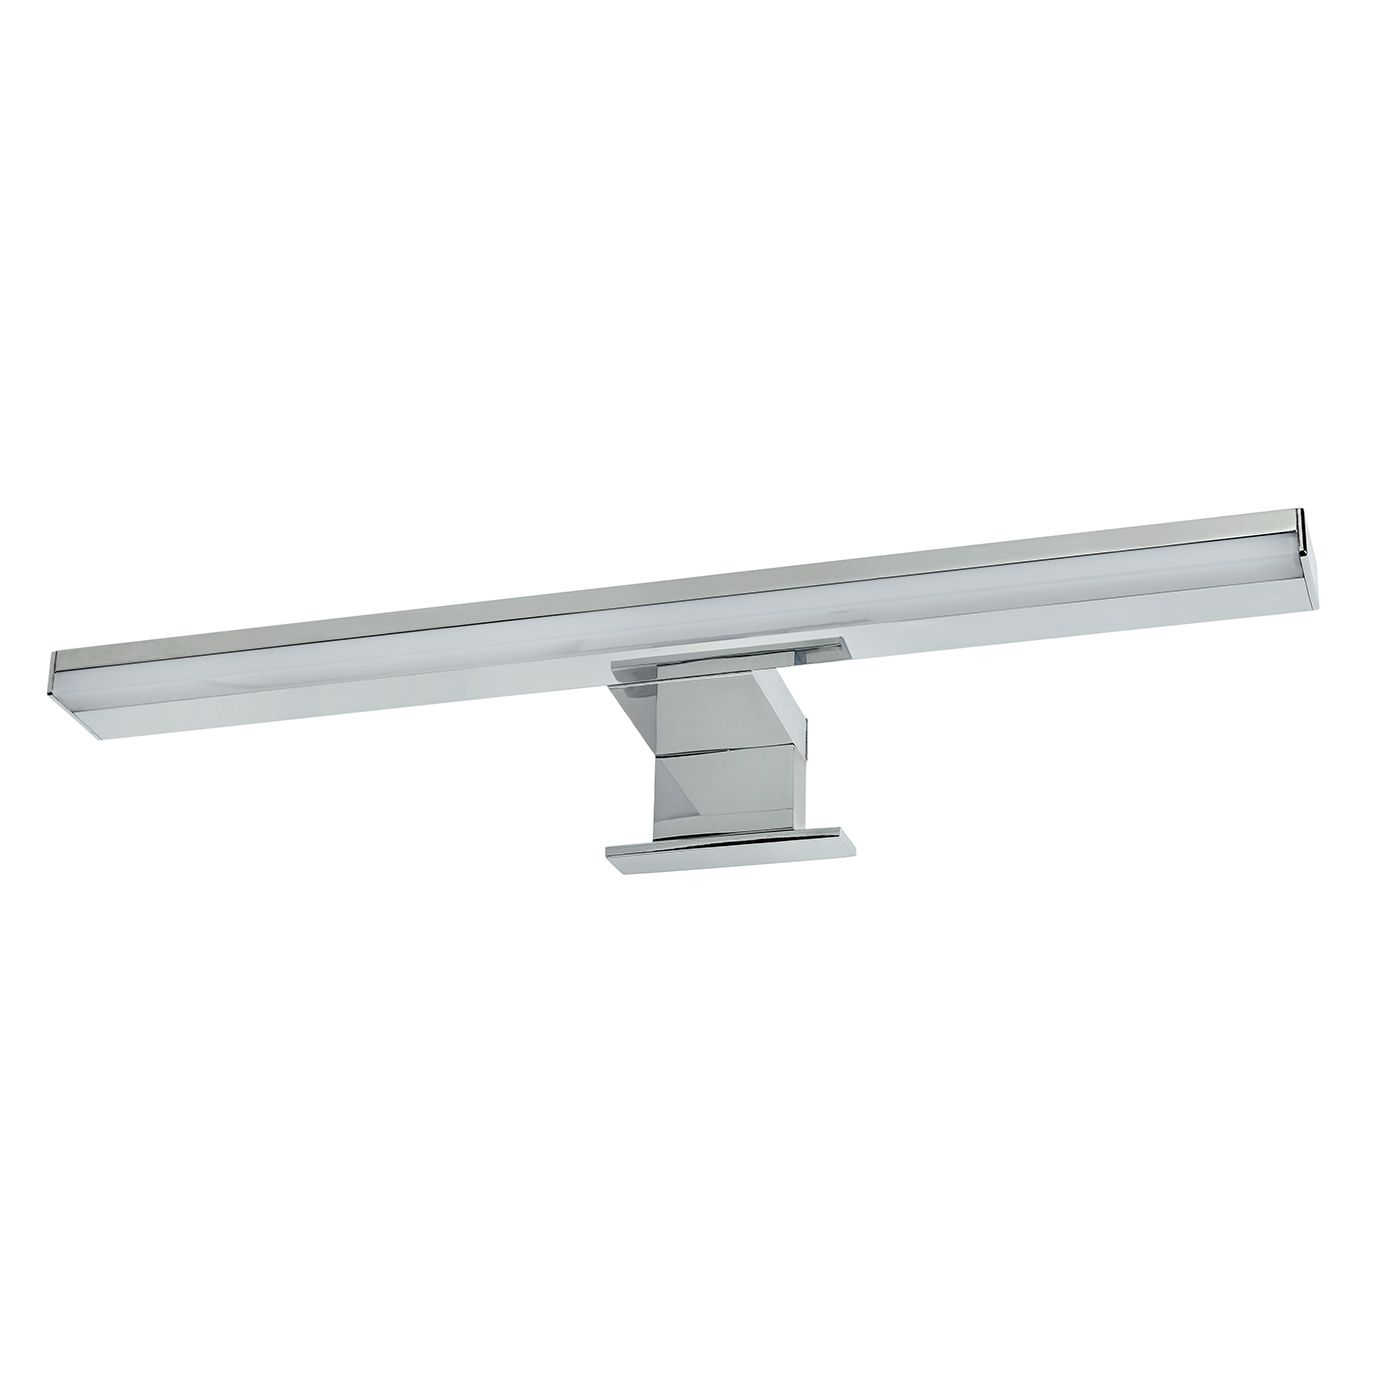 Ilumina espejos LED moderno para pared CURVES SULION | Lámparas y ...